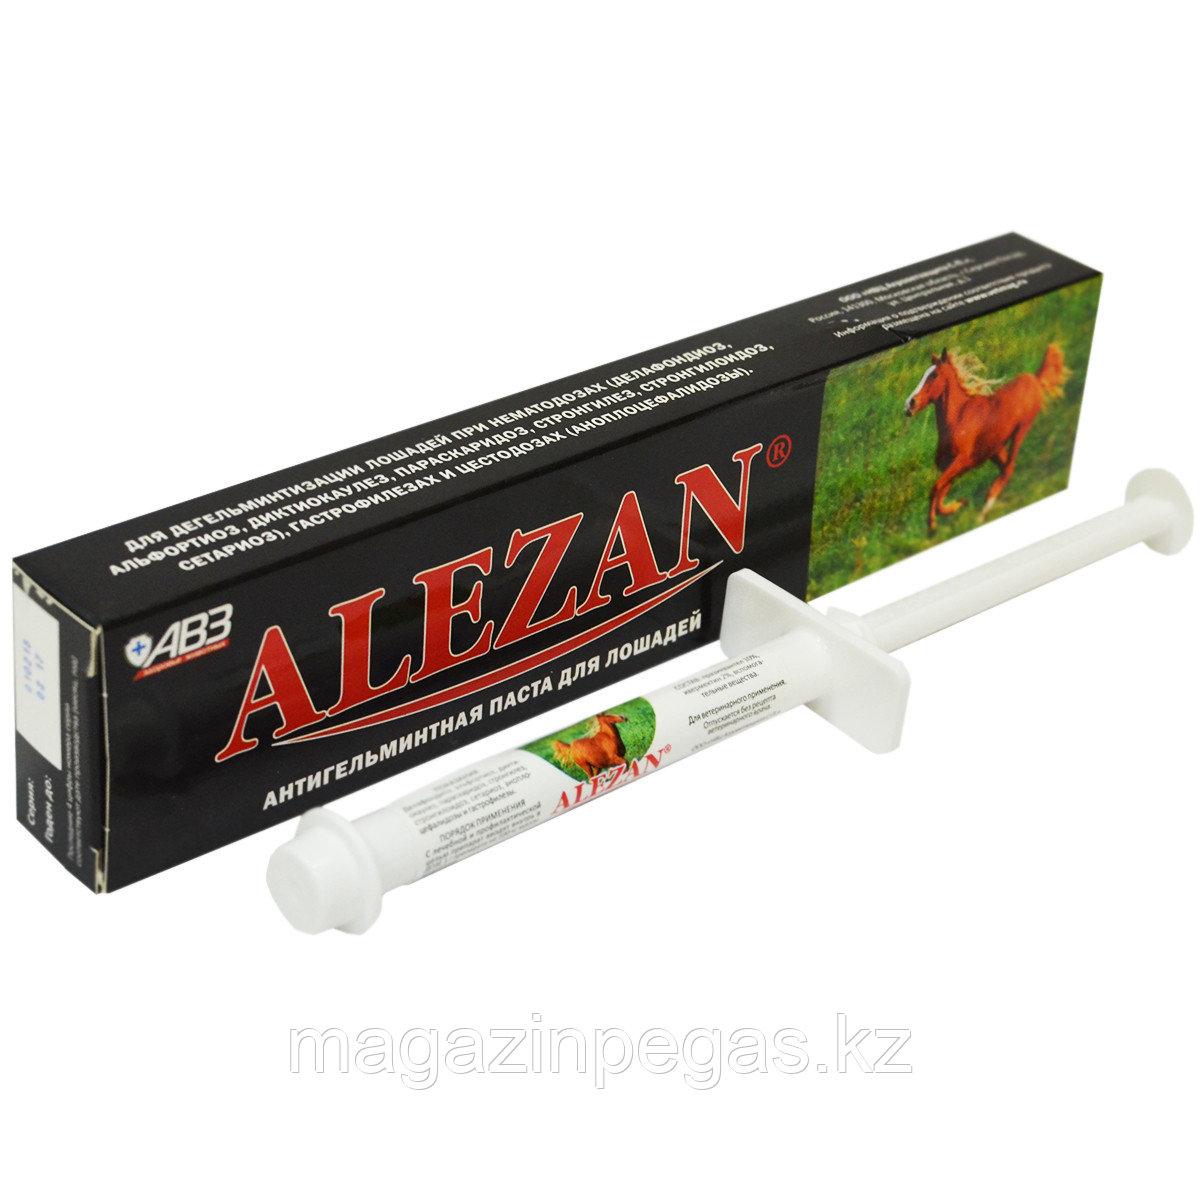 Алезан антигельмитная паста